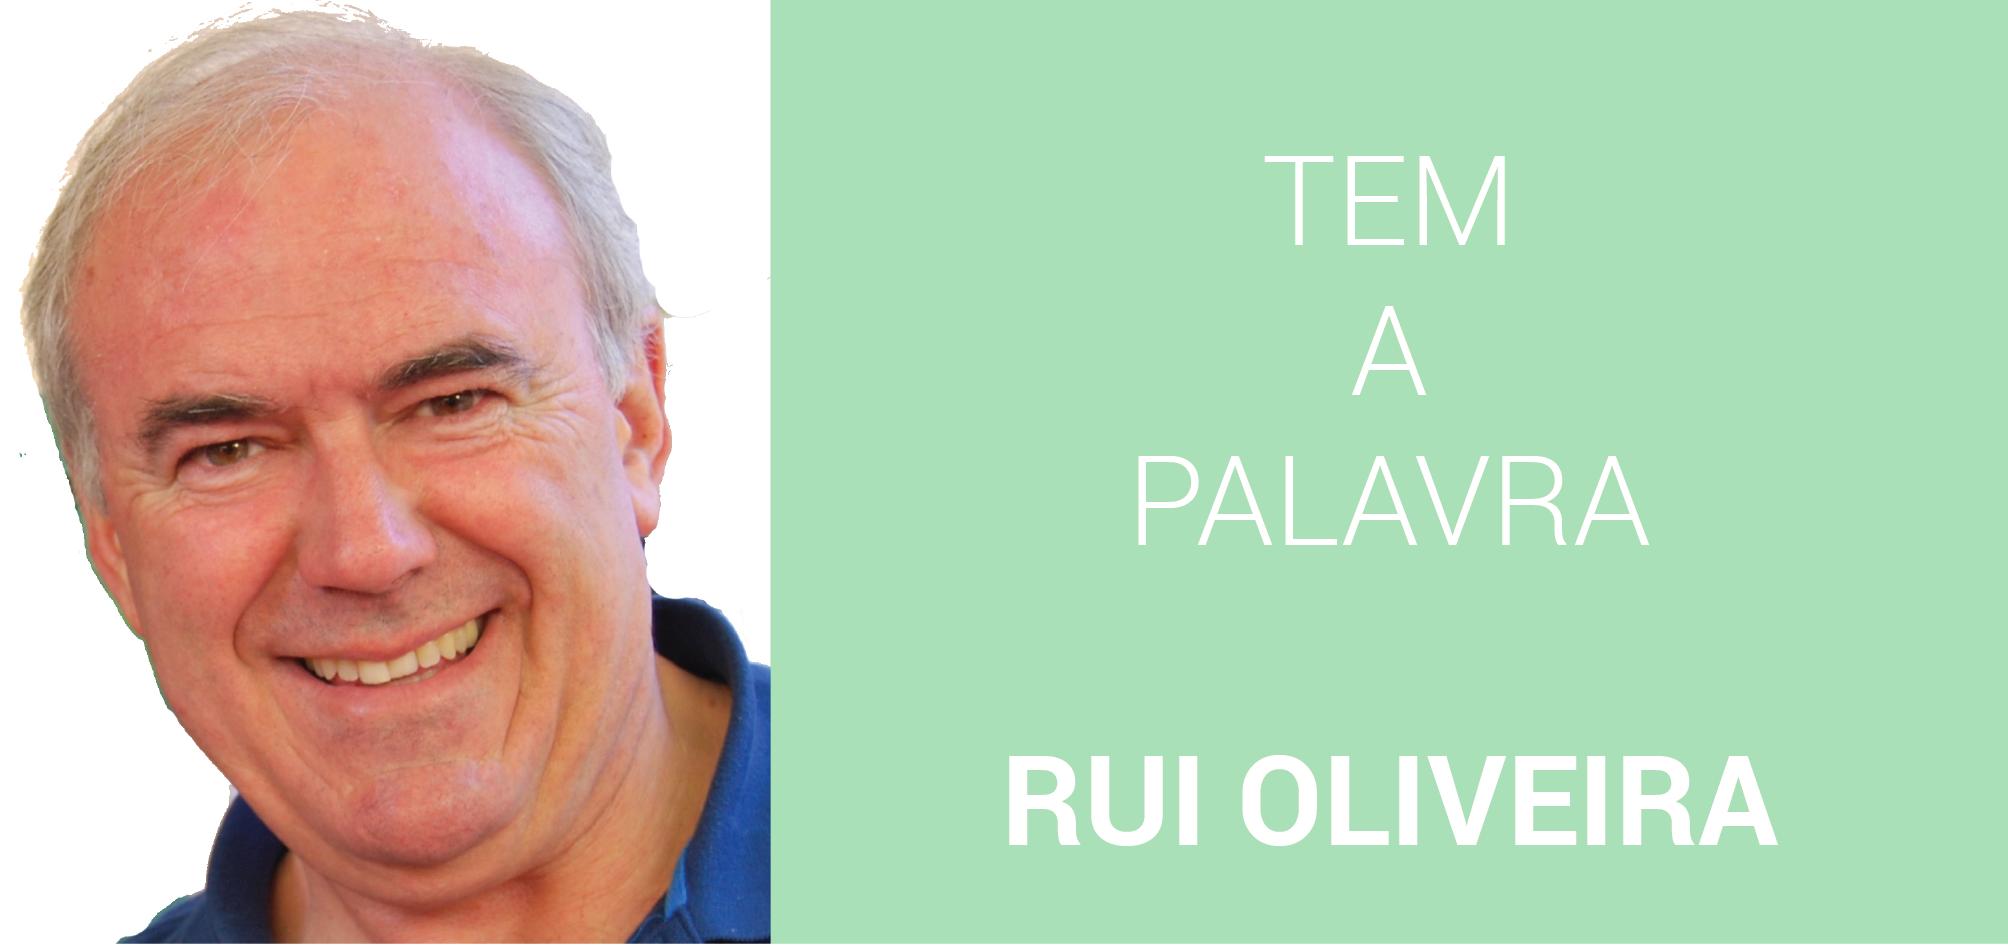 Tem a palavra Rui Oliveira